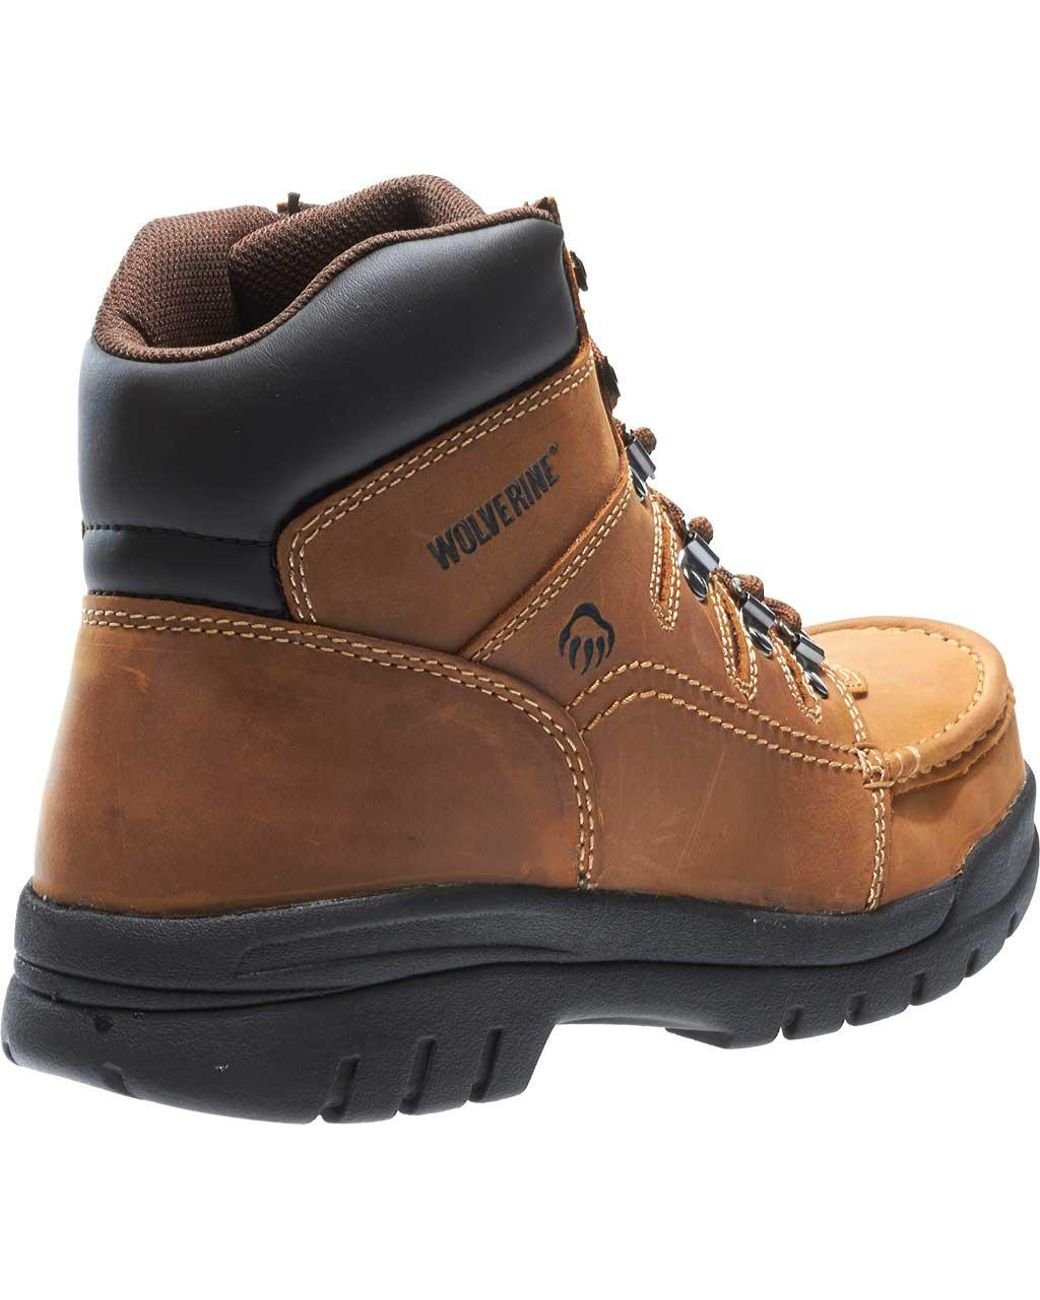 841049c16a1 Men's Brown Potomac 6